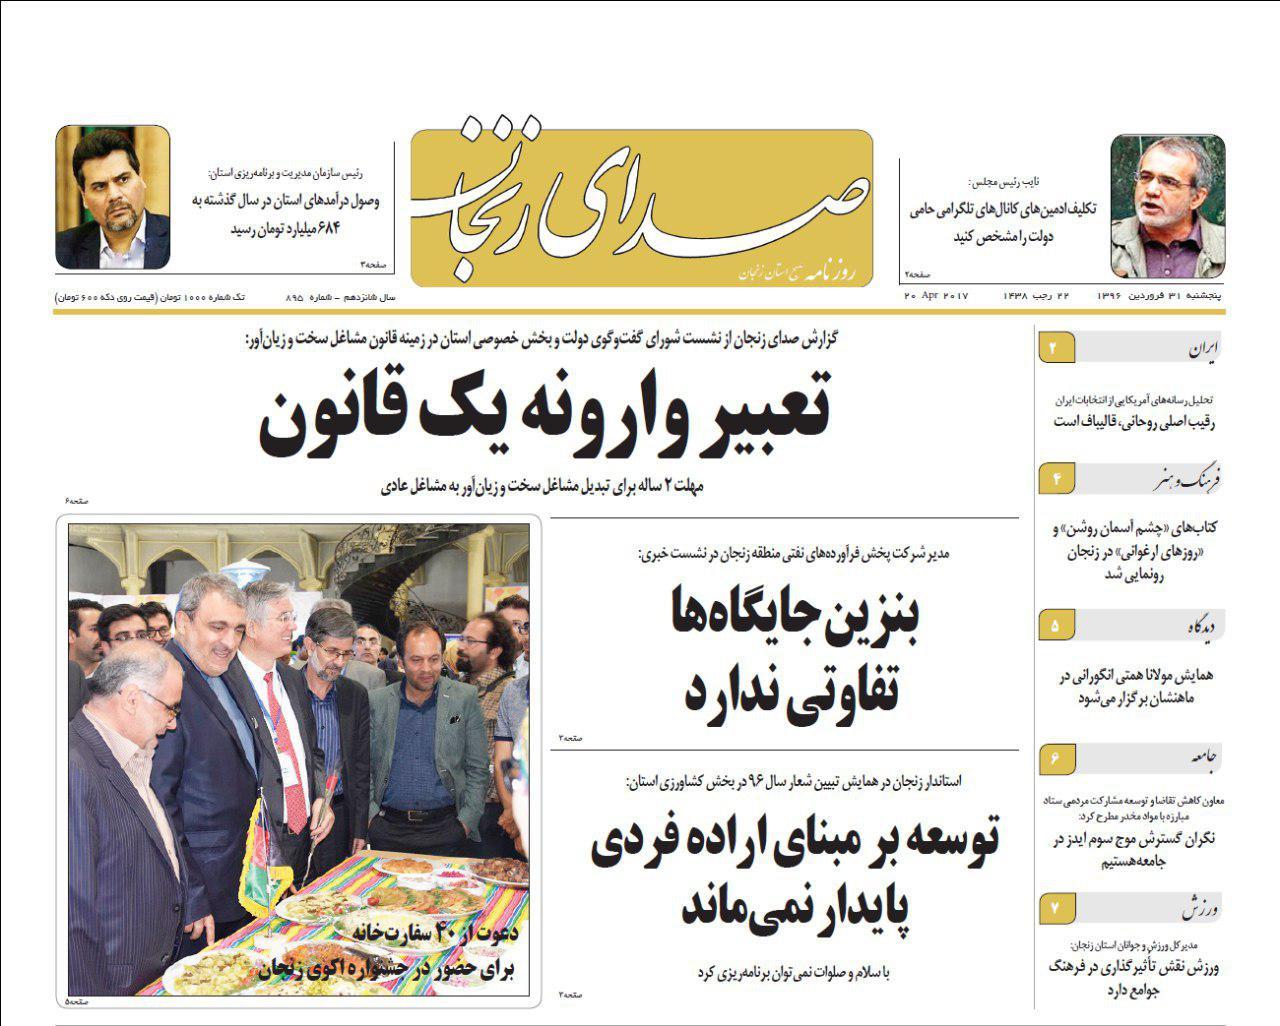 صفحه نخست روزنامه های استان زنجان پنجشنبه 31 فروردین ماه